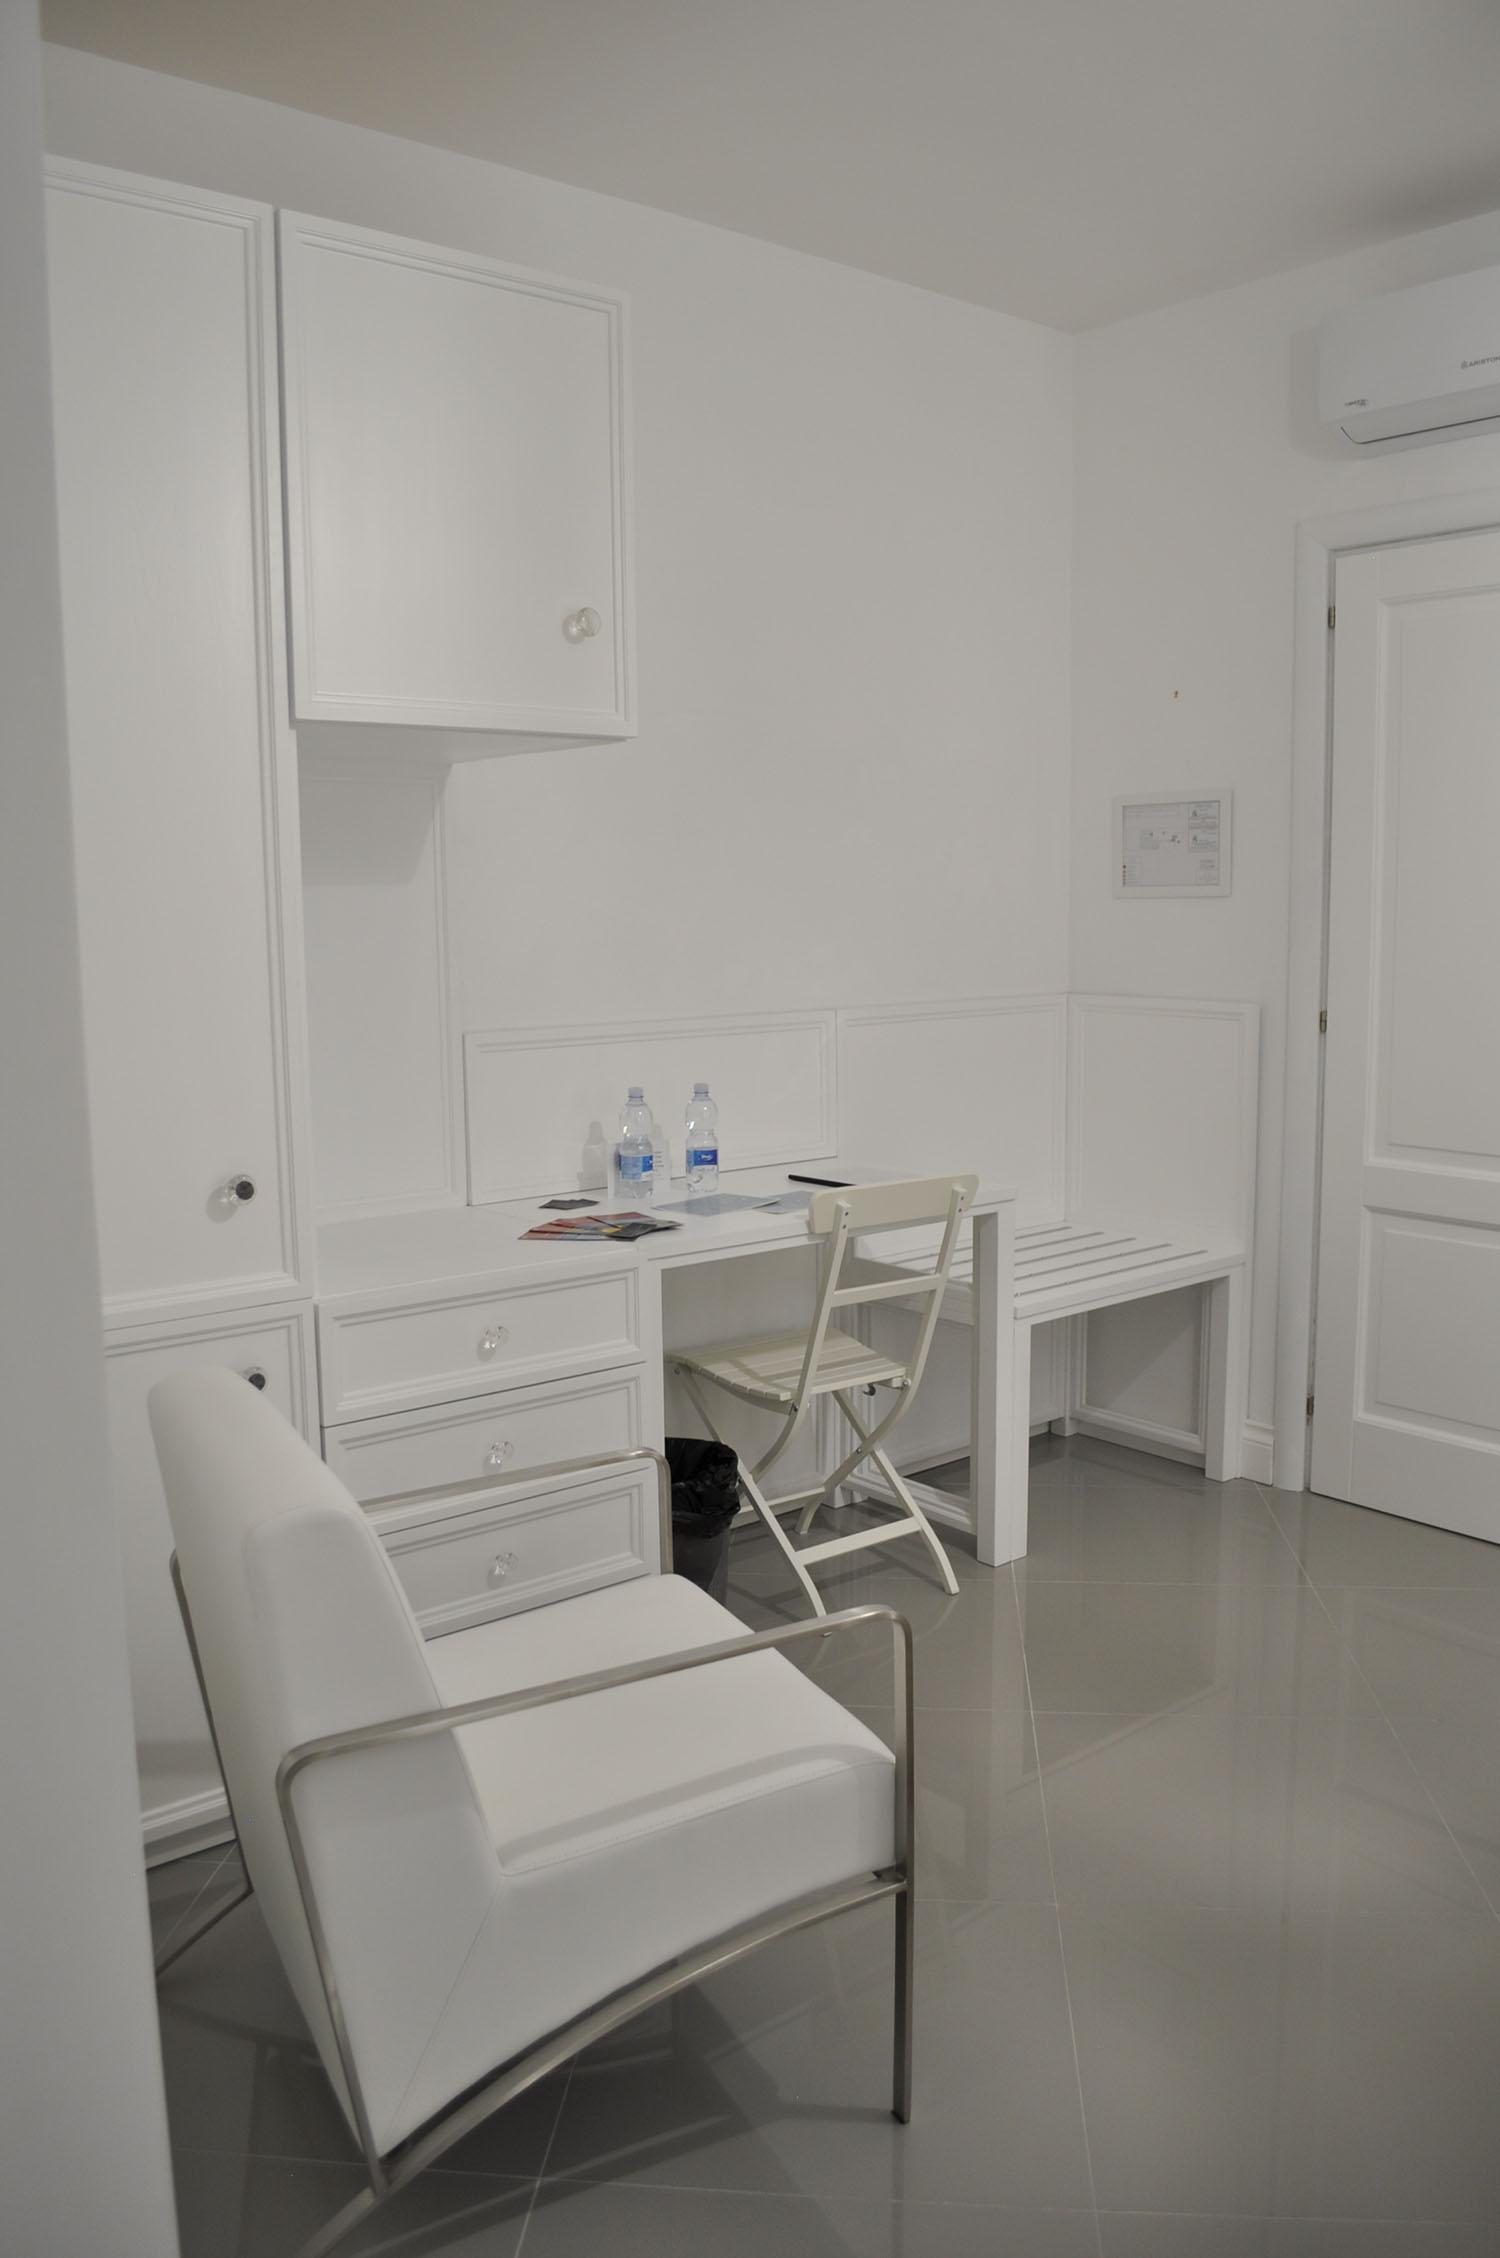 Camera da letto falegnameria su misura roma (4)